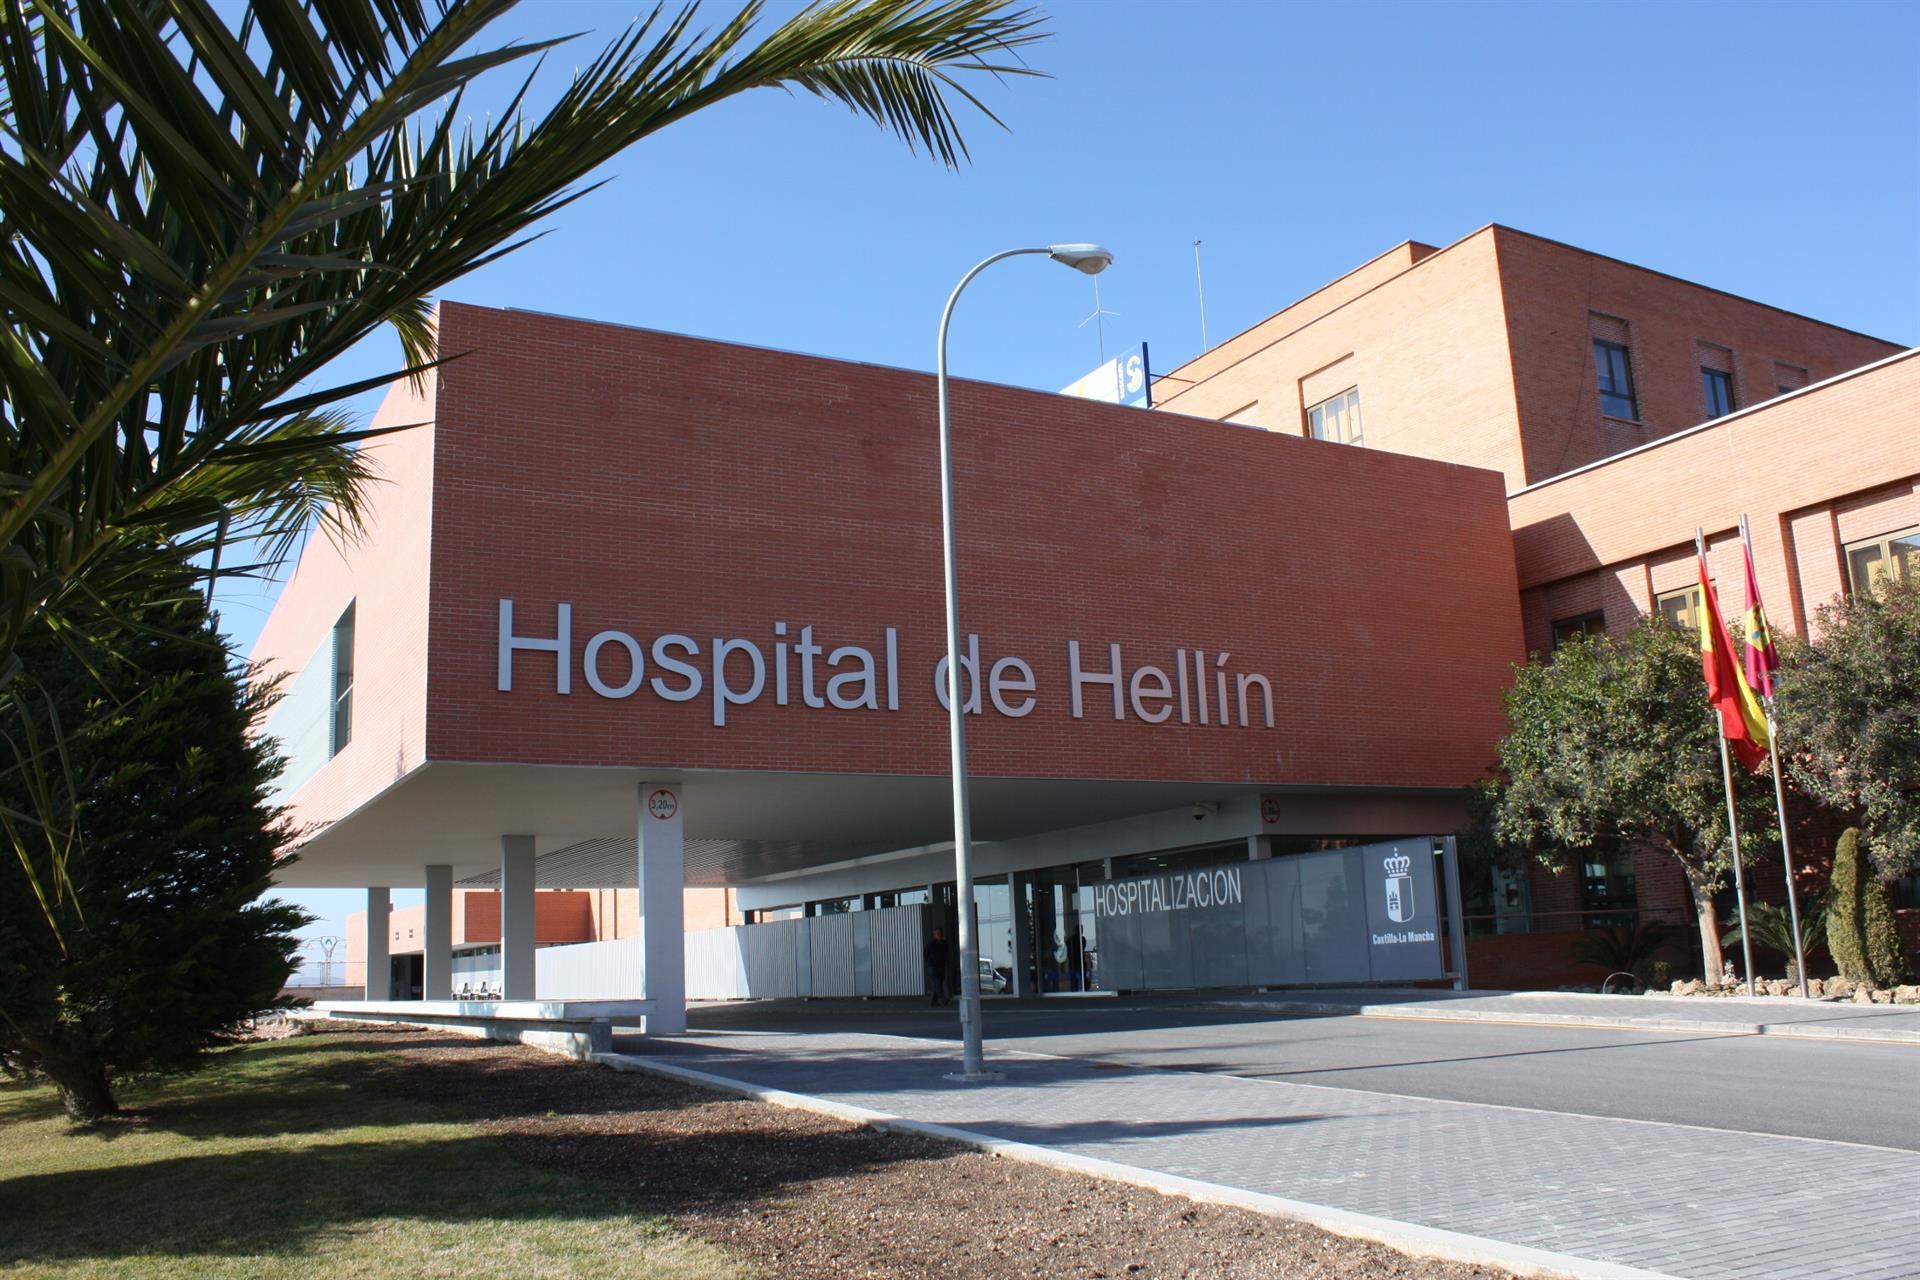 El hospital de Hellín adapta sus espacios y traslada el servicio se Ginecología y Pediatría al gimnasio